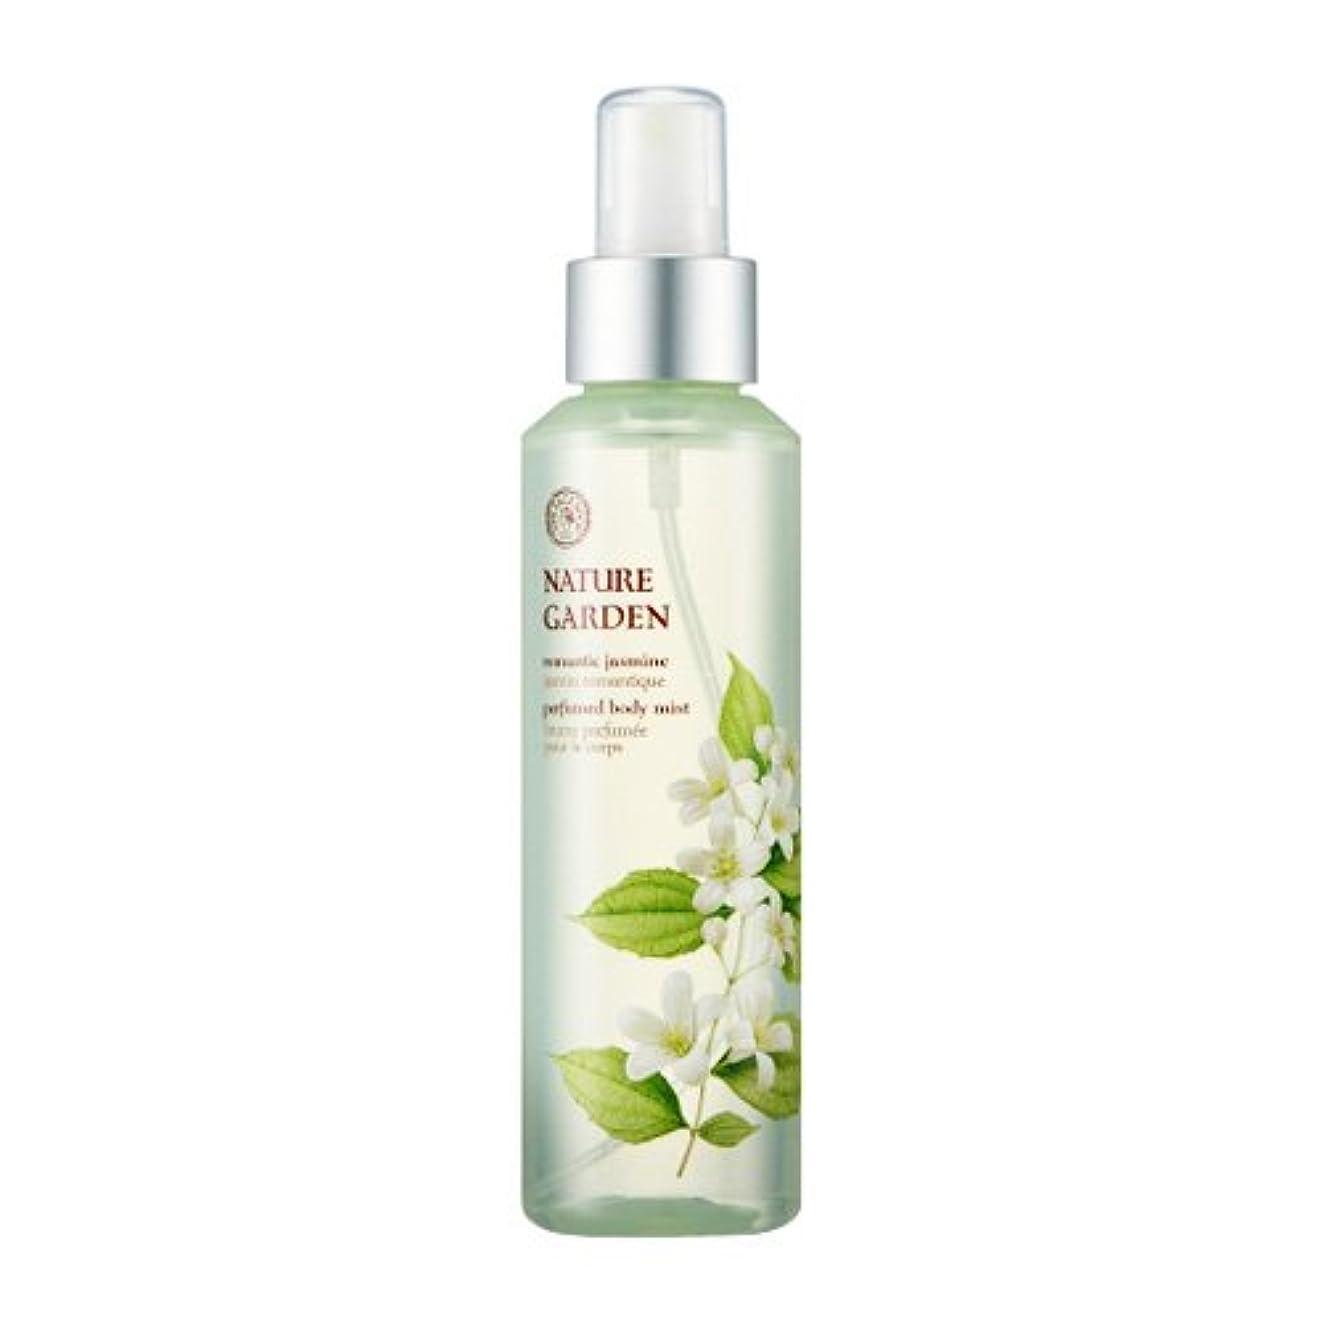 ぼろ匿名ホットTHE FACE SHOP NATURE GARDEN (Romantic Jasmine) Perfume Body Mist / ザ?フェイスショップ ネイチャーガーデン パフューム ボディミスト [並行輸入品]